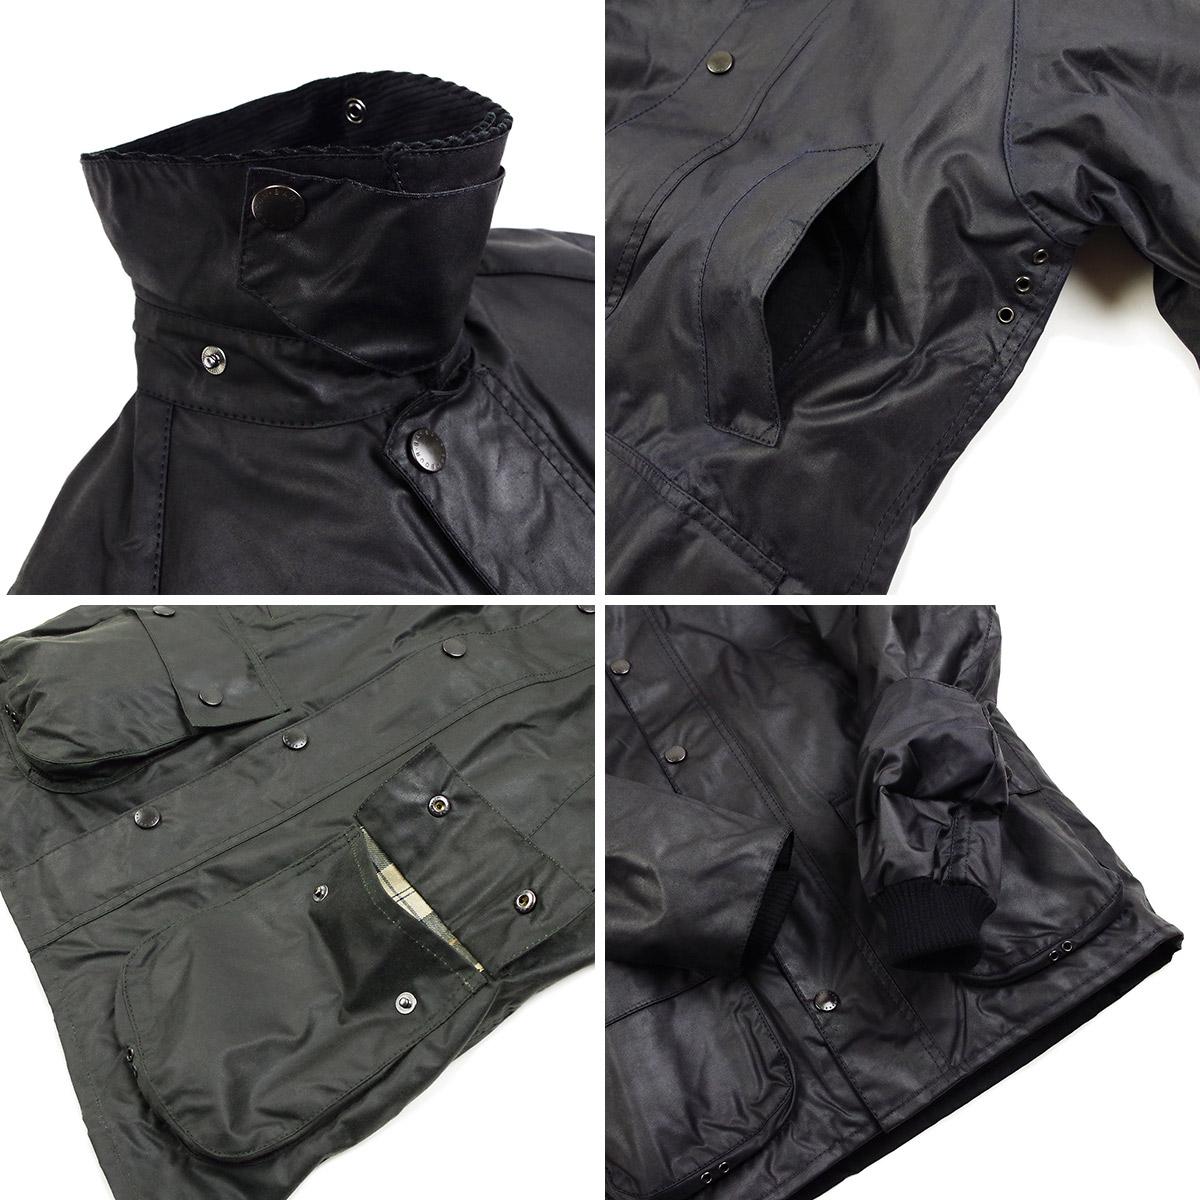 ビデイルジャケットのパーツその2